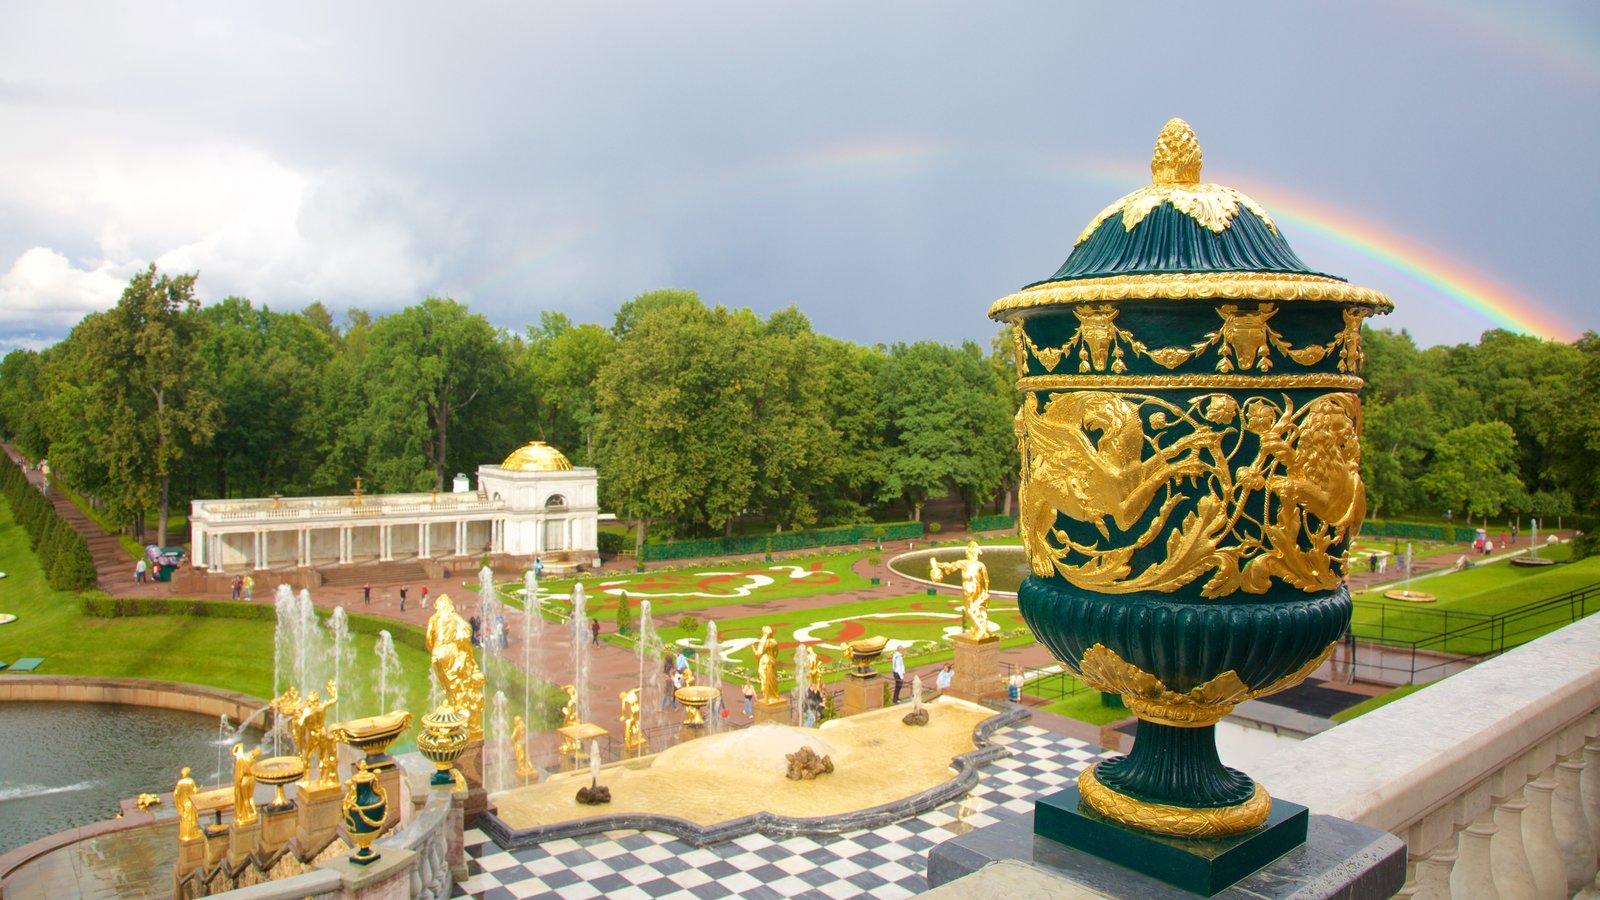 Palácio e Jardins Peterhof caracterizando um parque e arquitetura de patrimônio